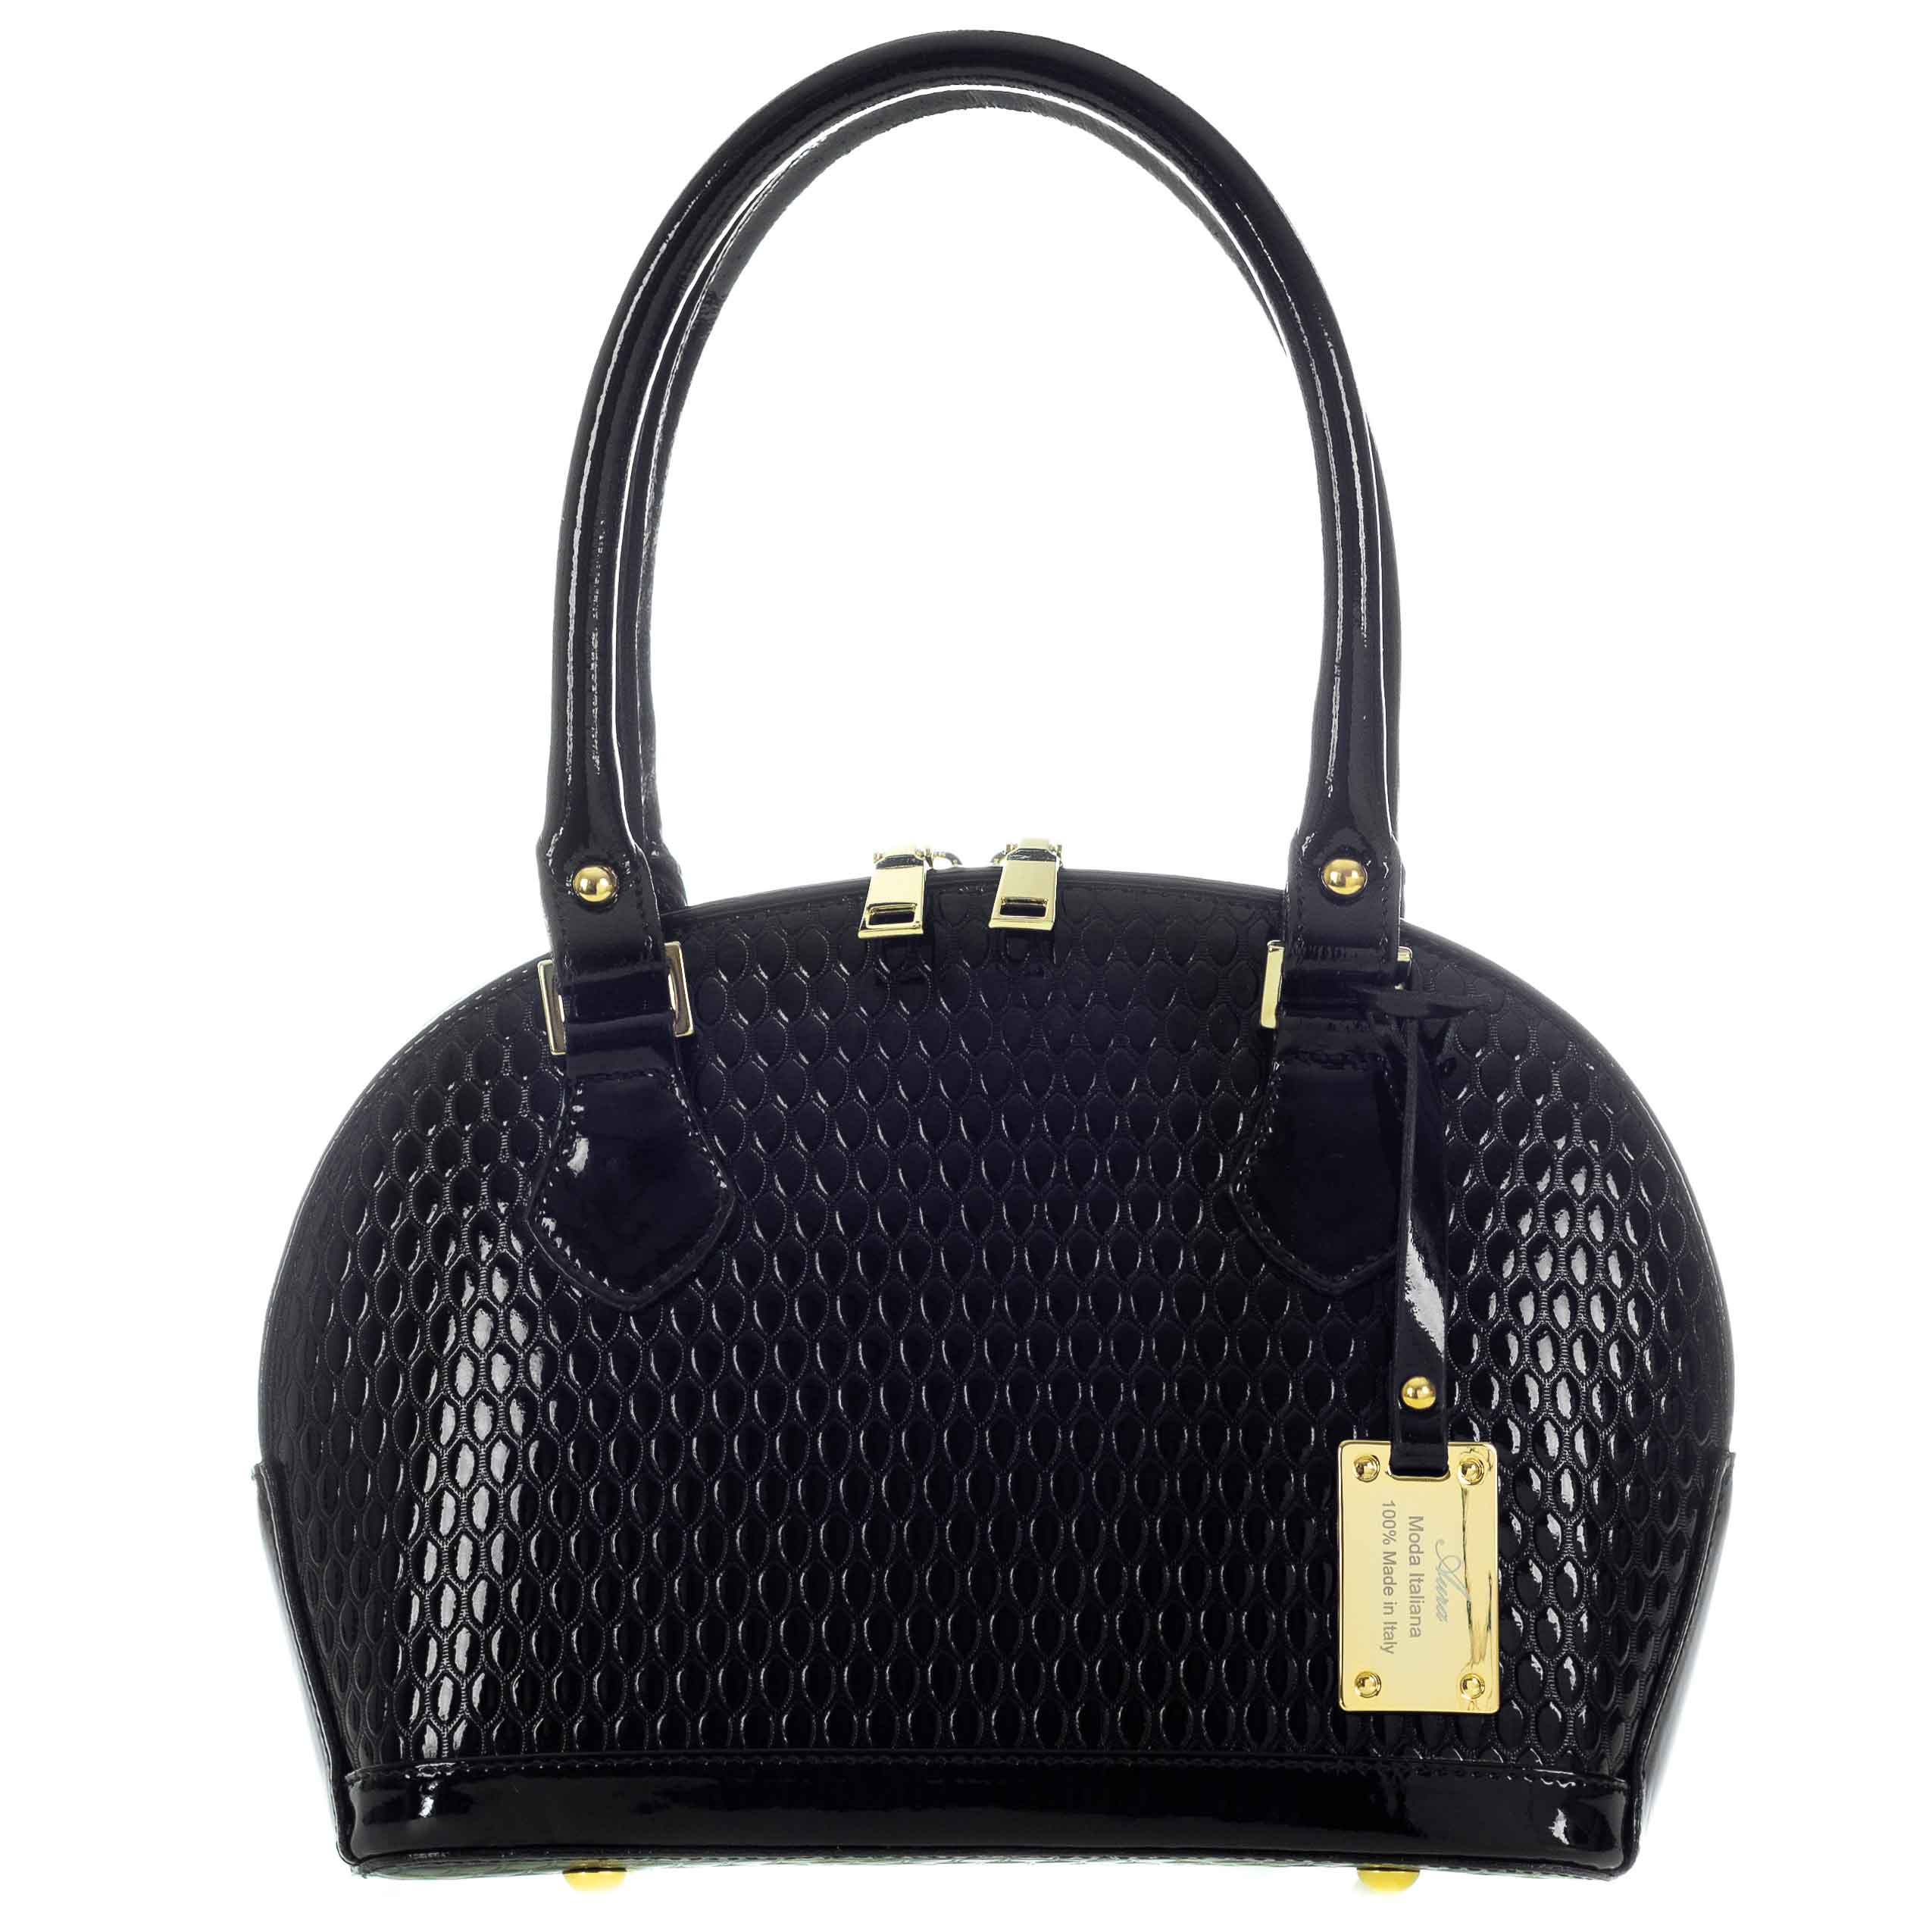 c9d10944d311 Black Patent Tote Handbag